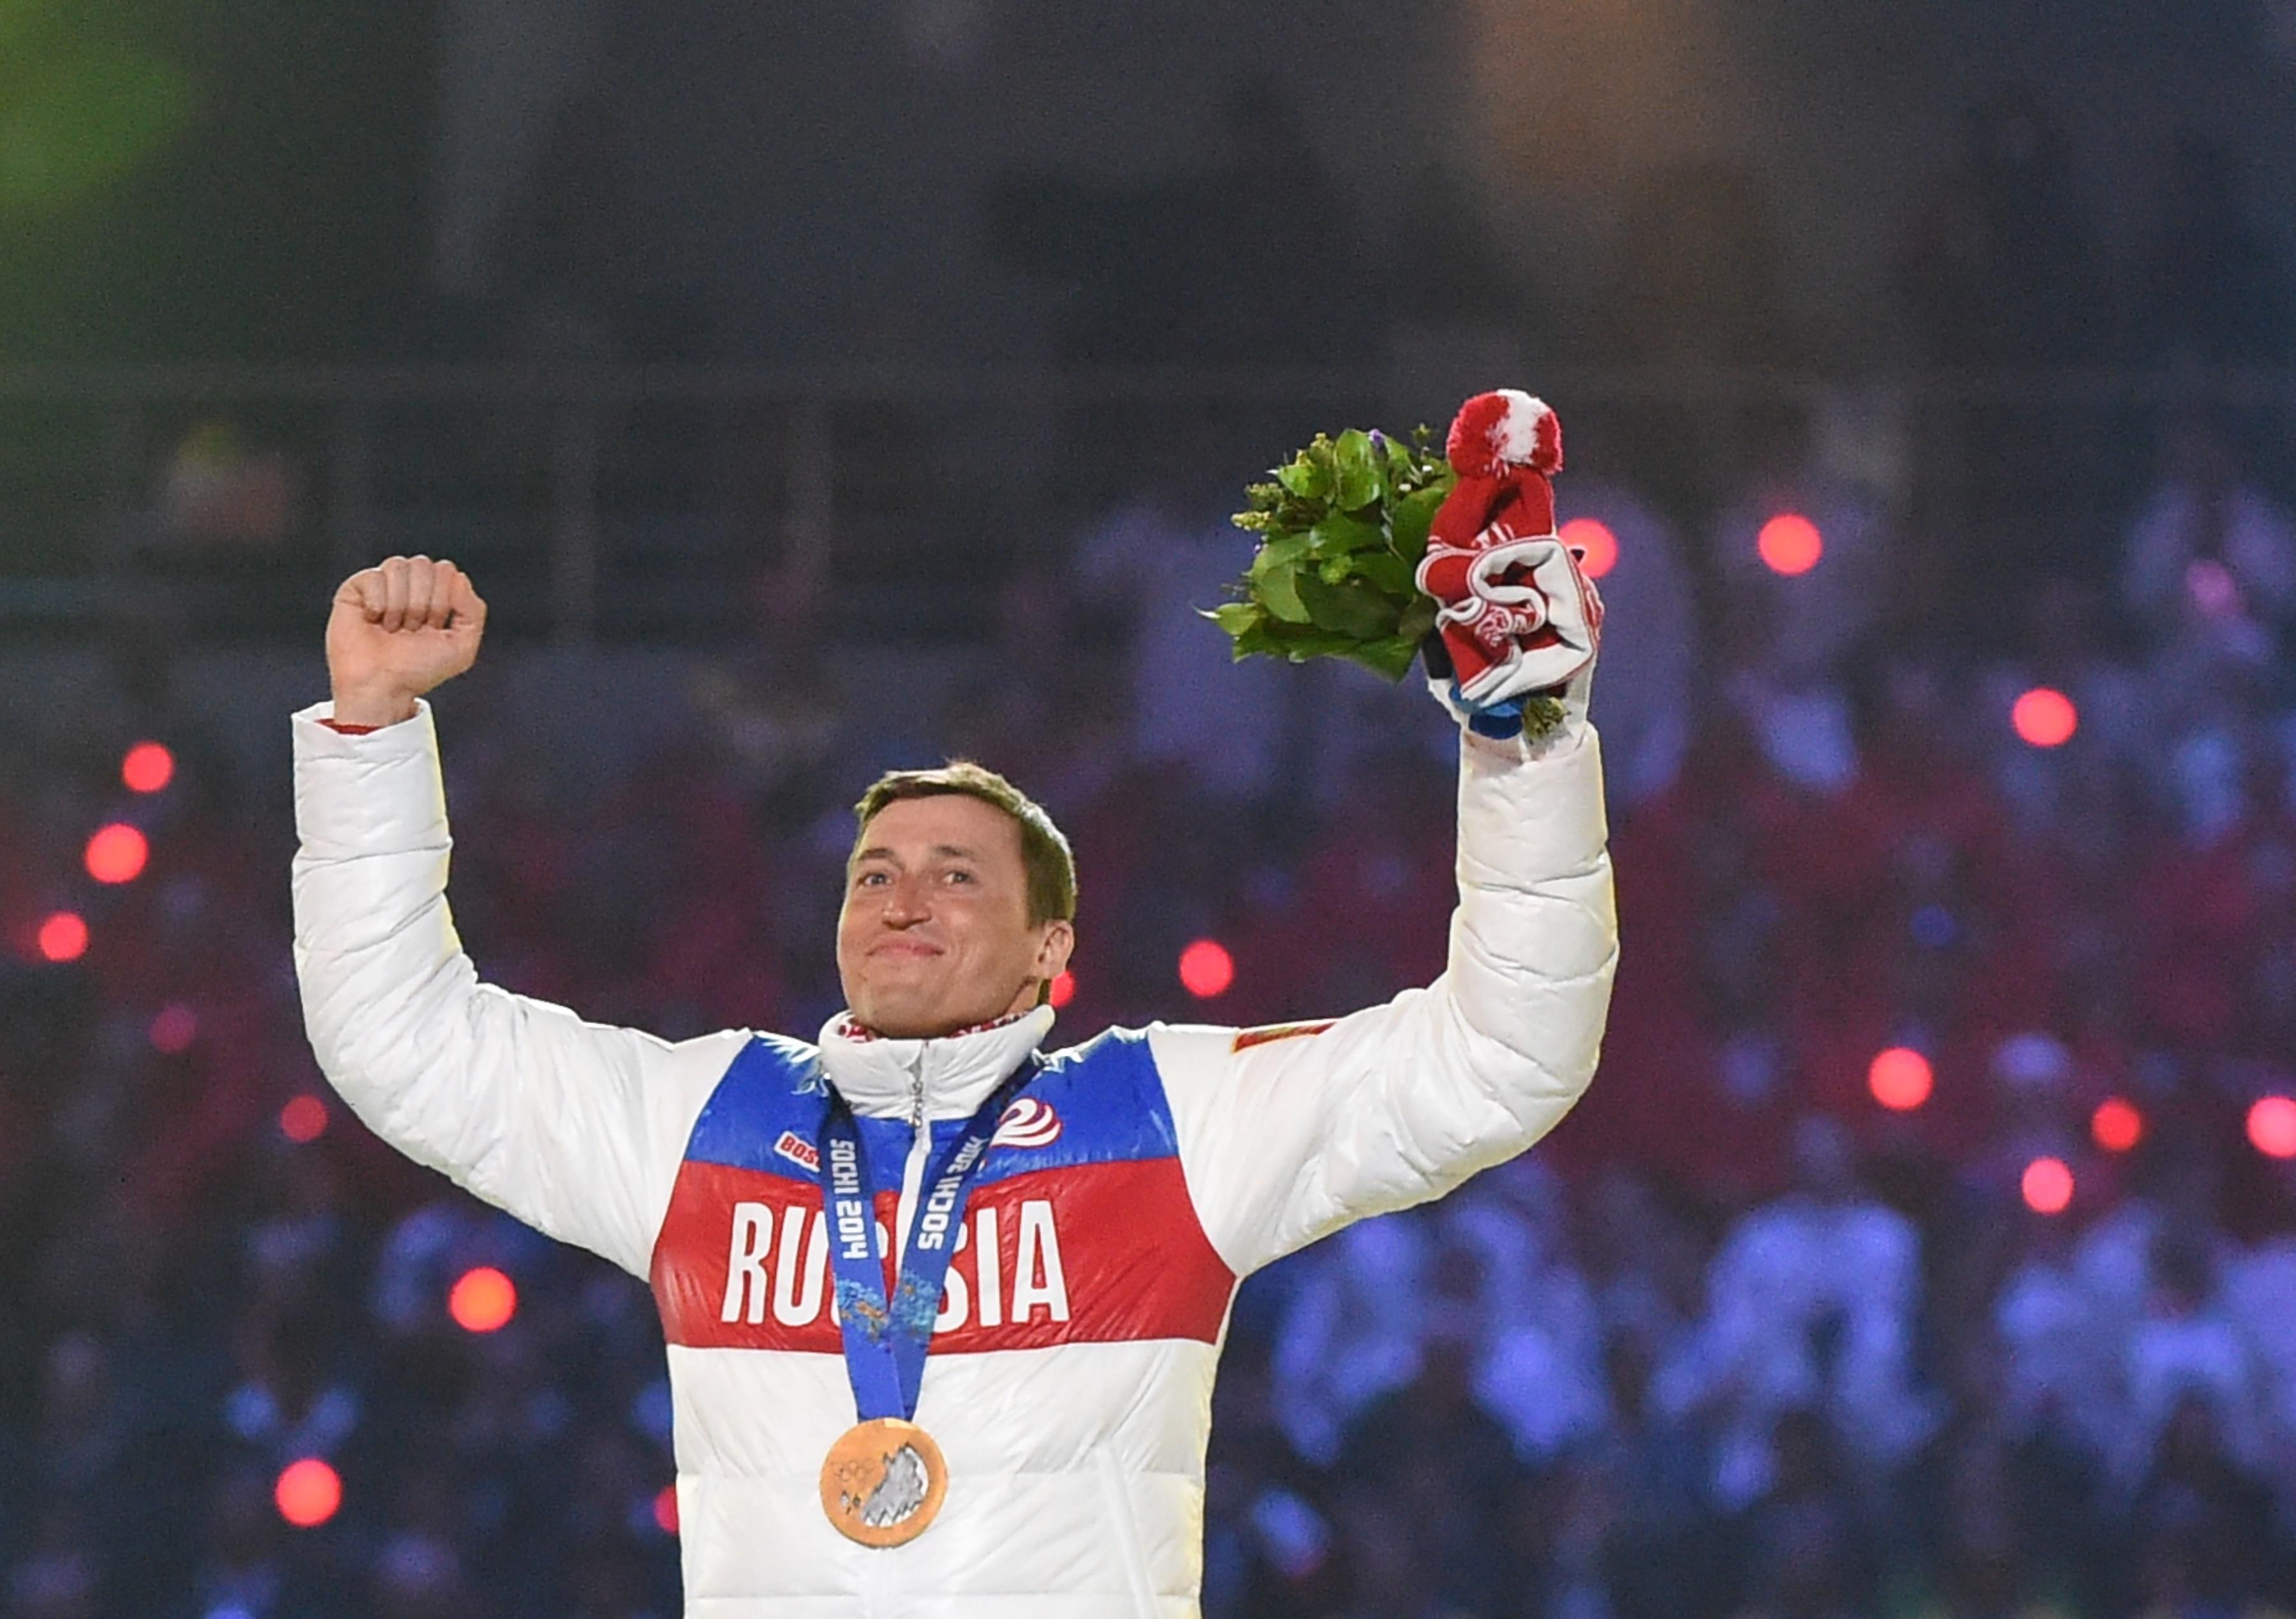 Il fondista russo Aleksandr Gennad'evič Legkov